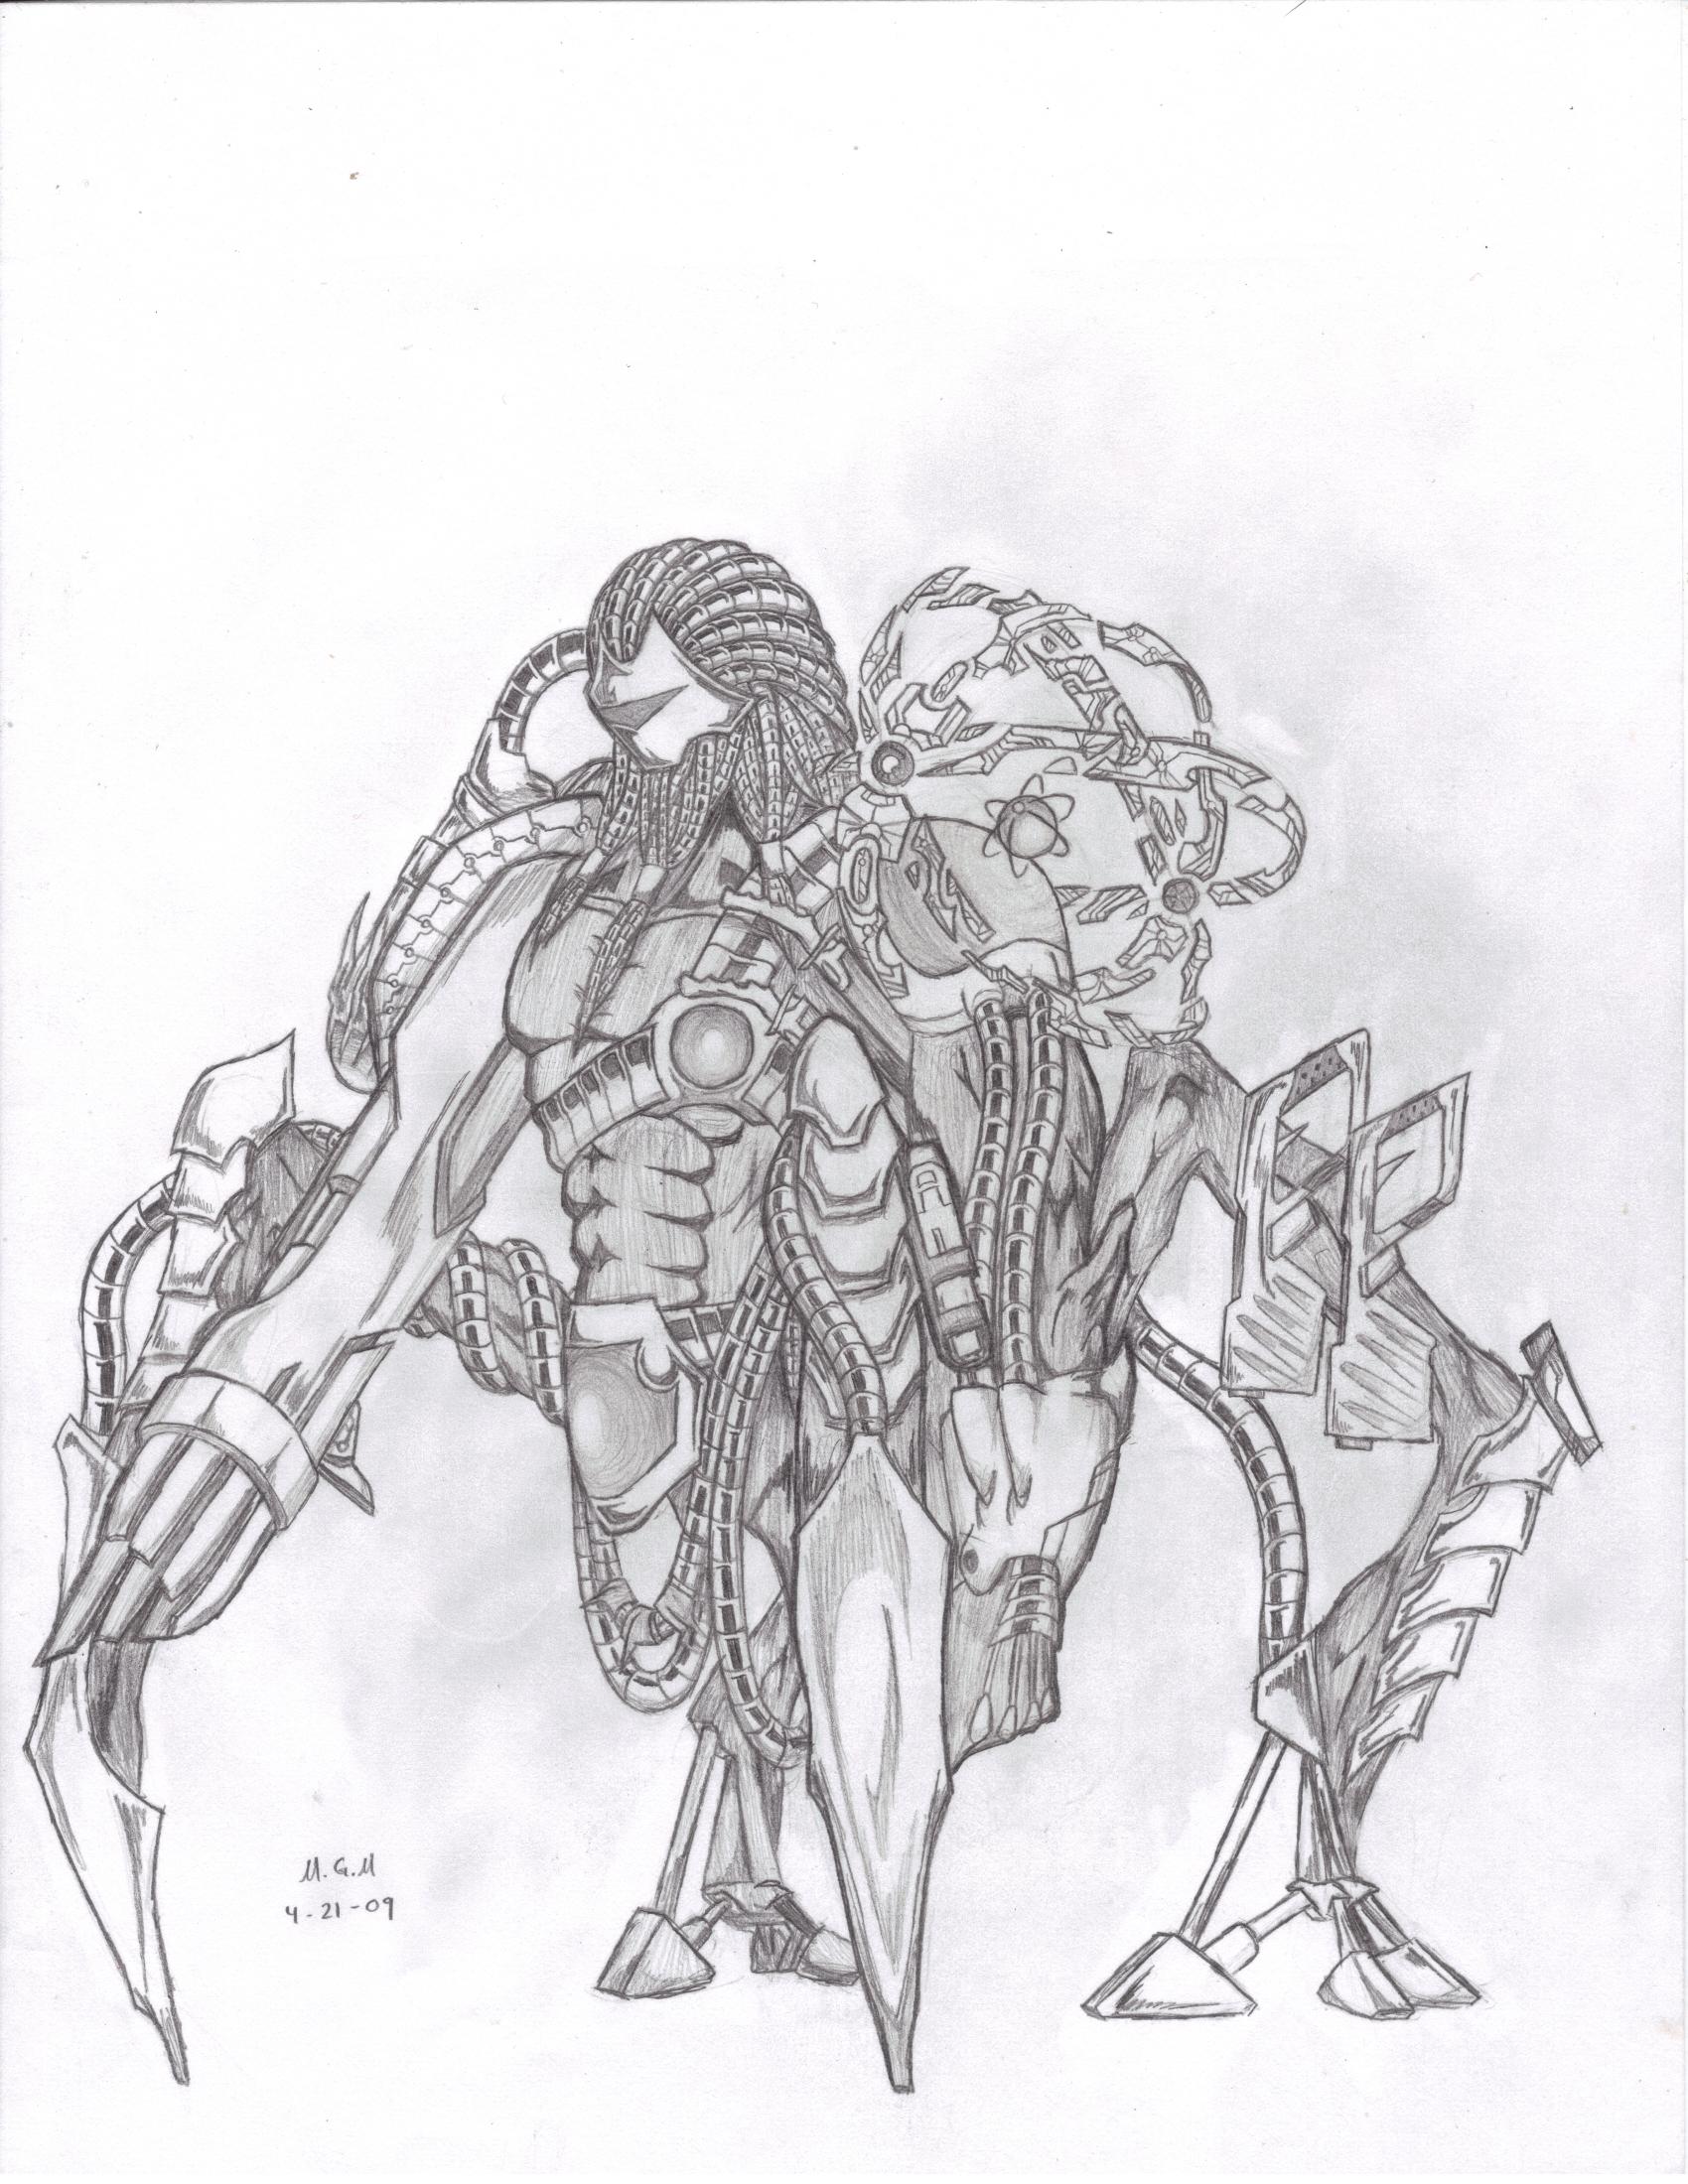 High Tech Alien